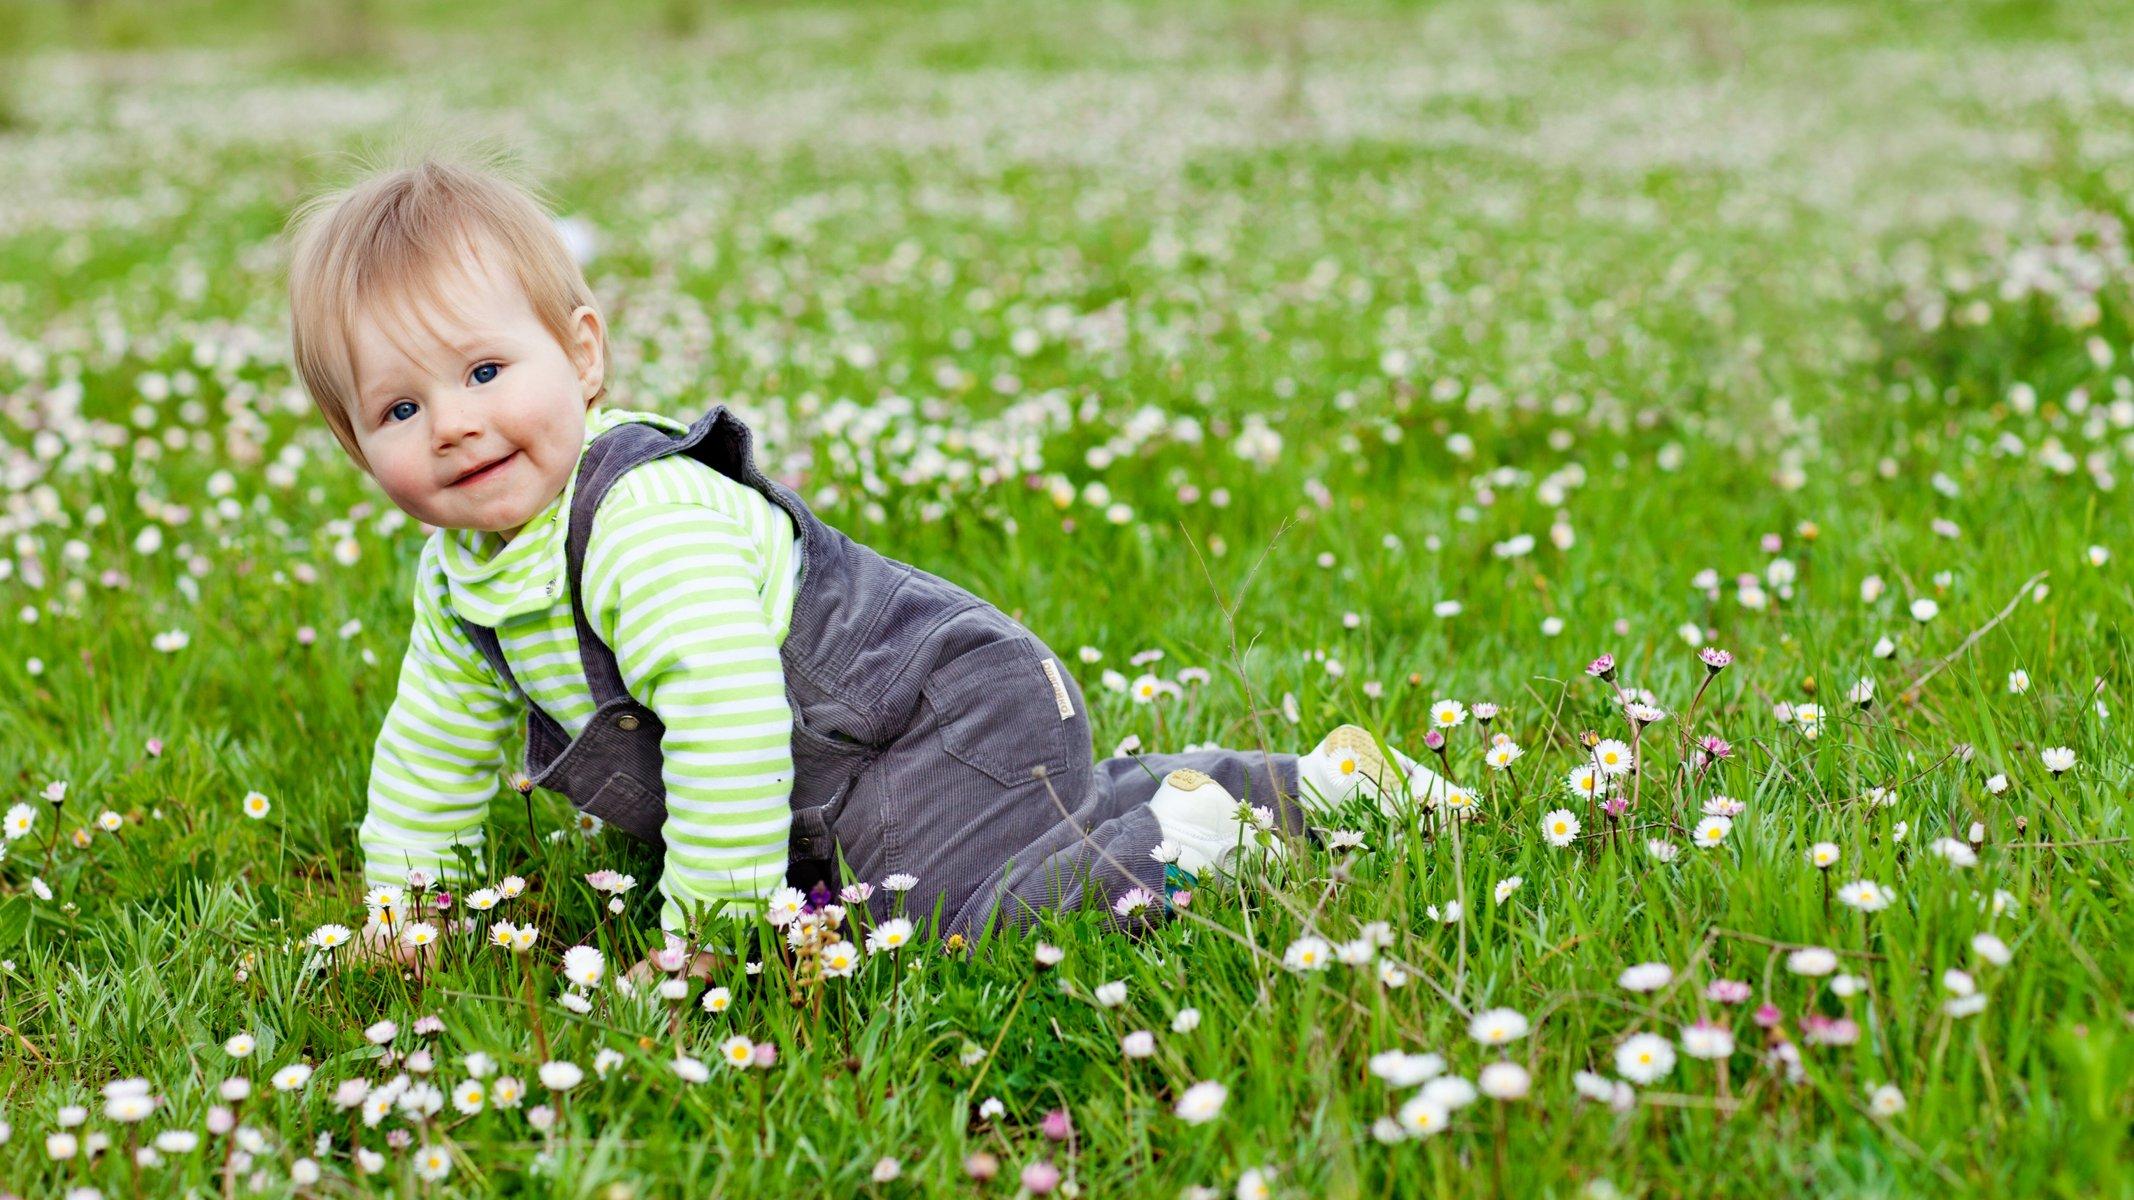 л'этуаль красивые фото с детьми на траве возникает